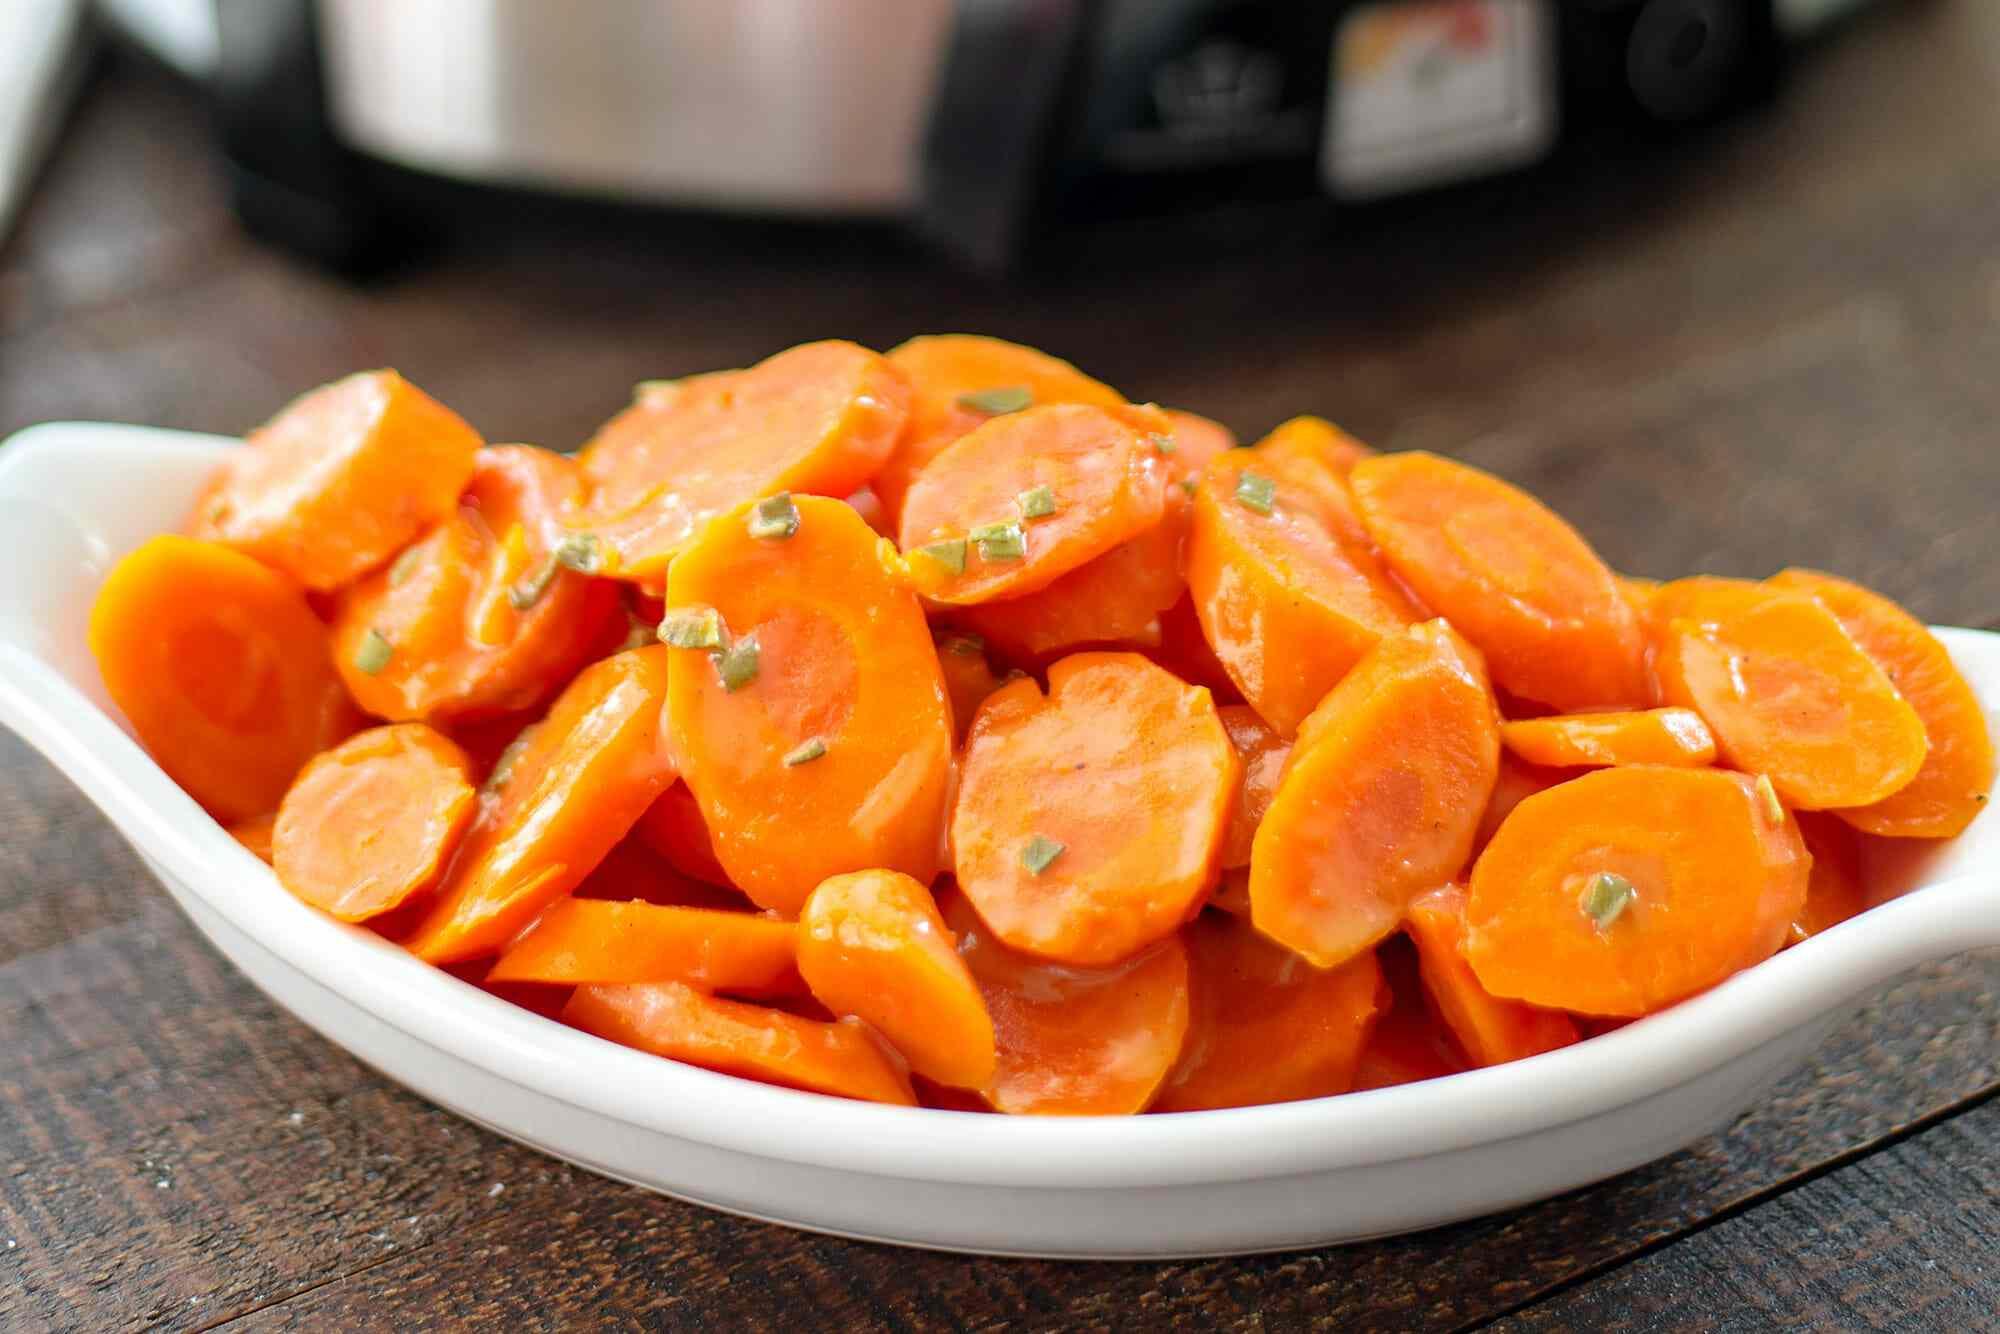 Honey Glazed Carrots Recipe serve the carrots